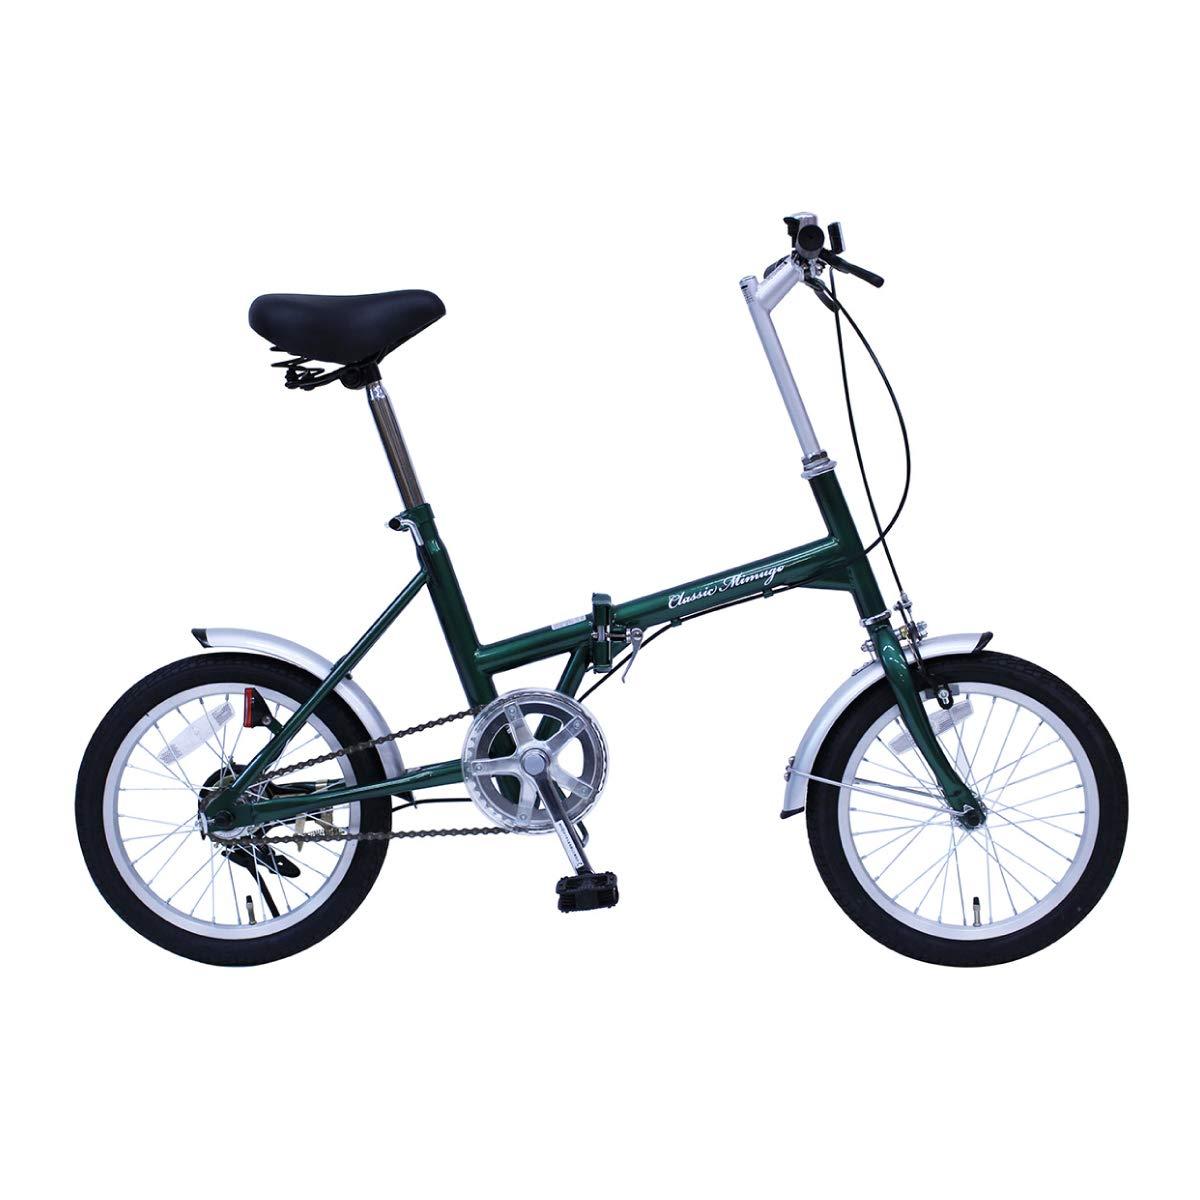 クラシックミムゴ 16インチ 折りたたみ自転車 グリーン Classic Mimugo FDB16G   B07QTG1H4C